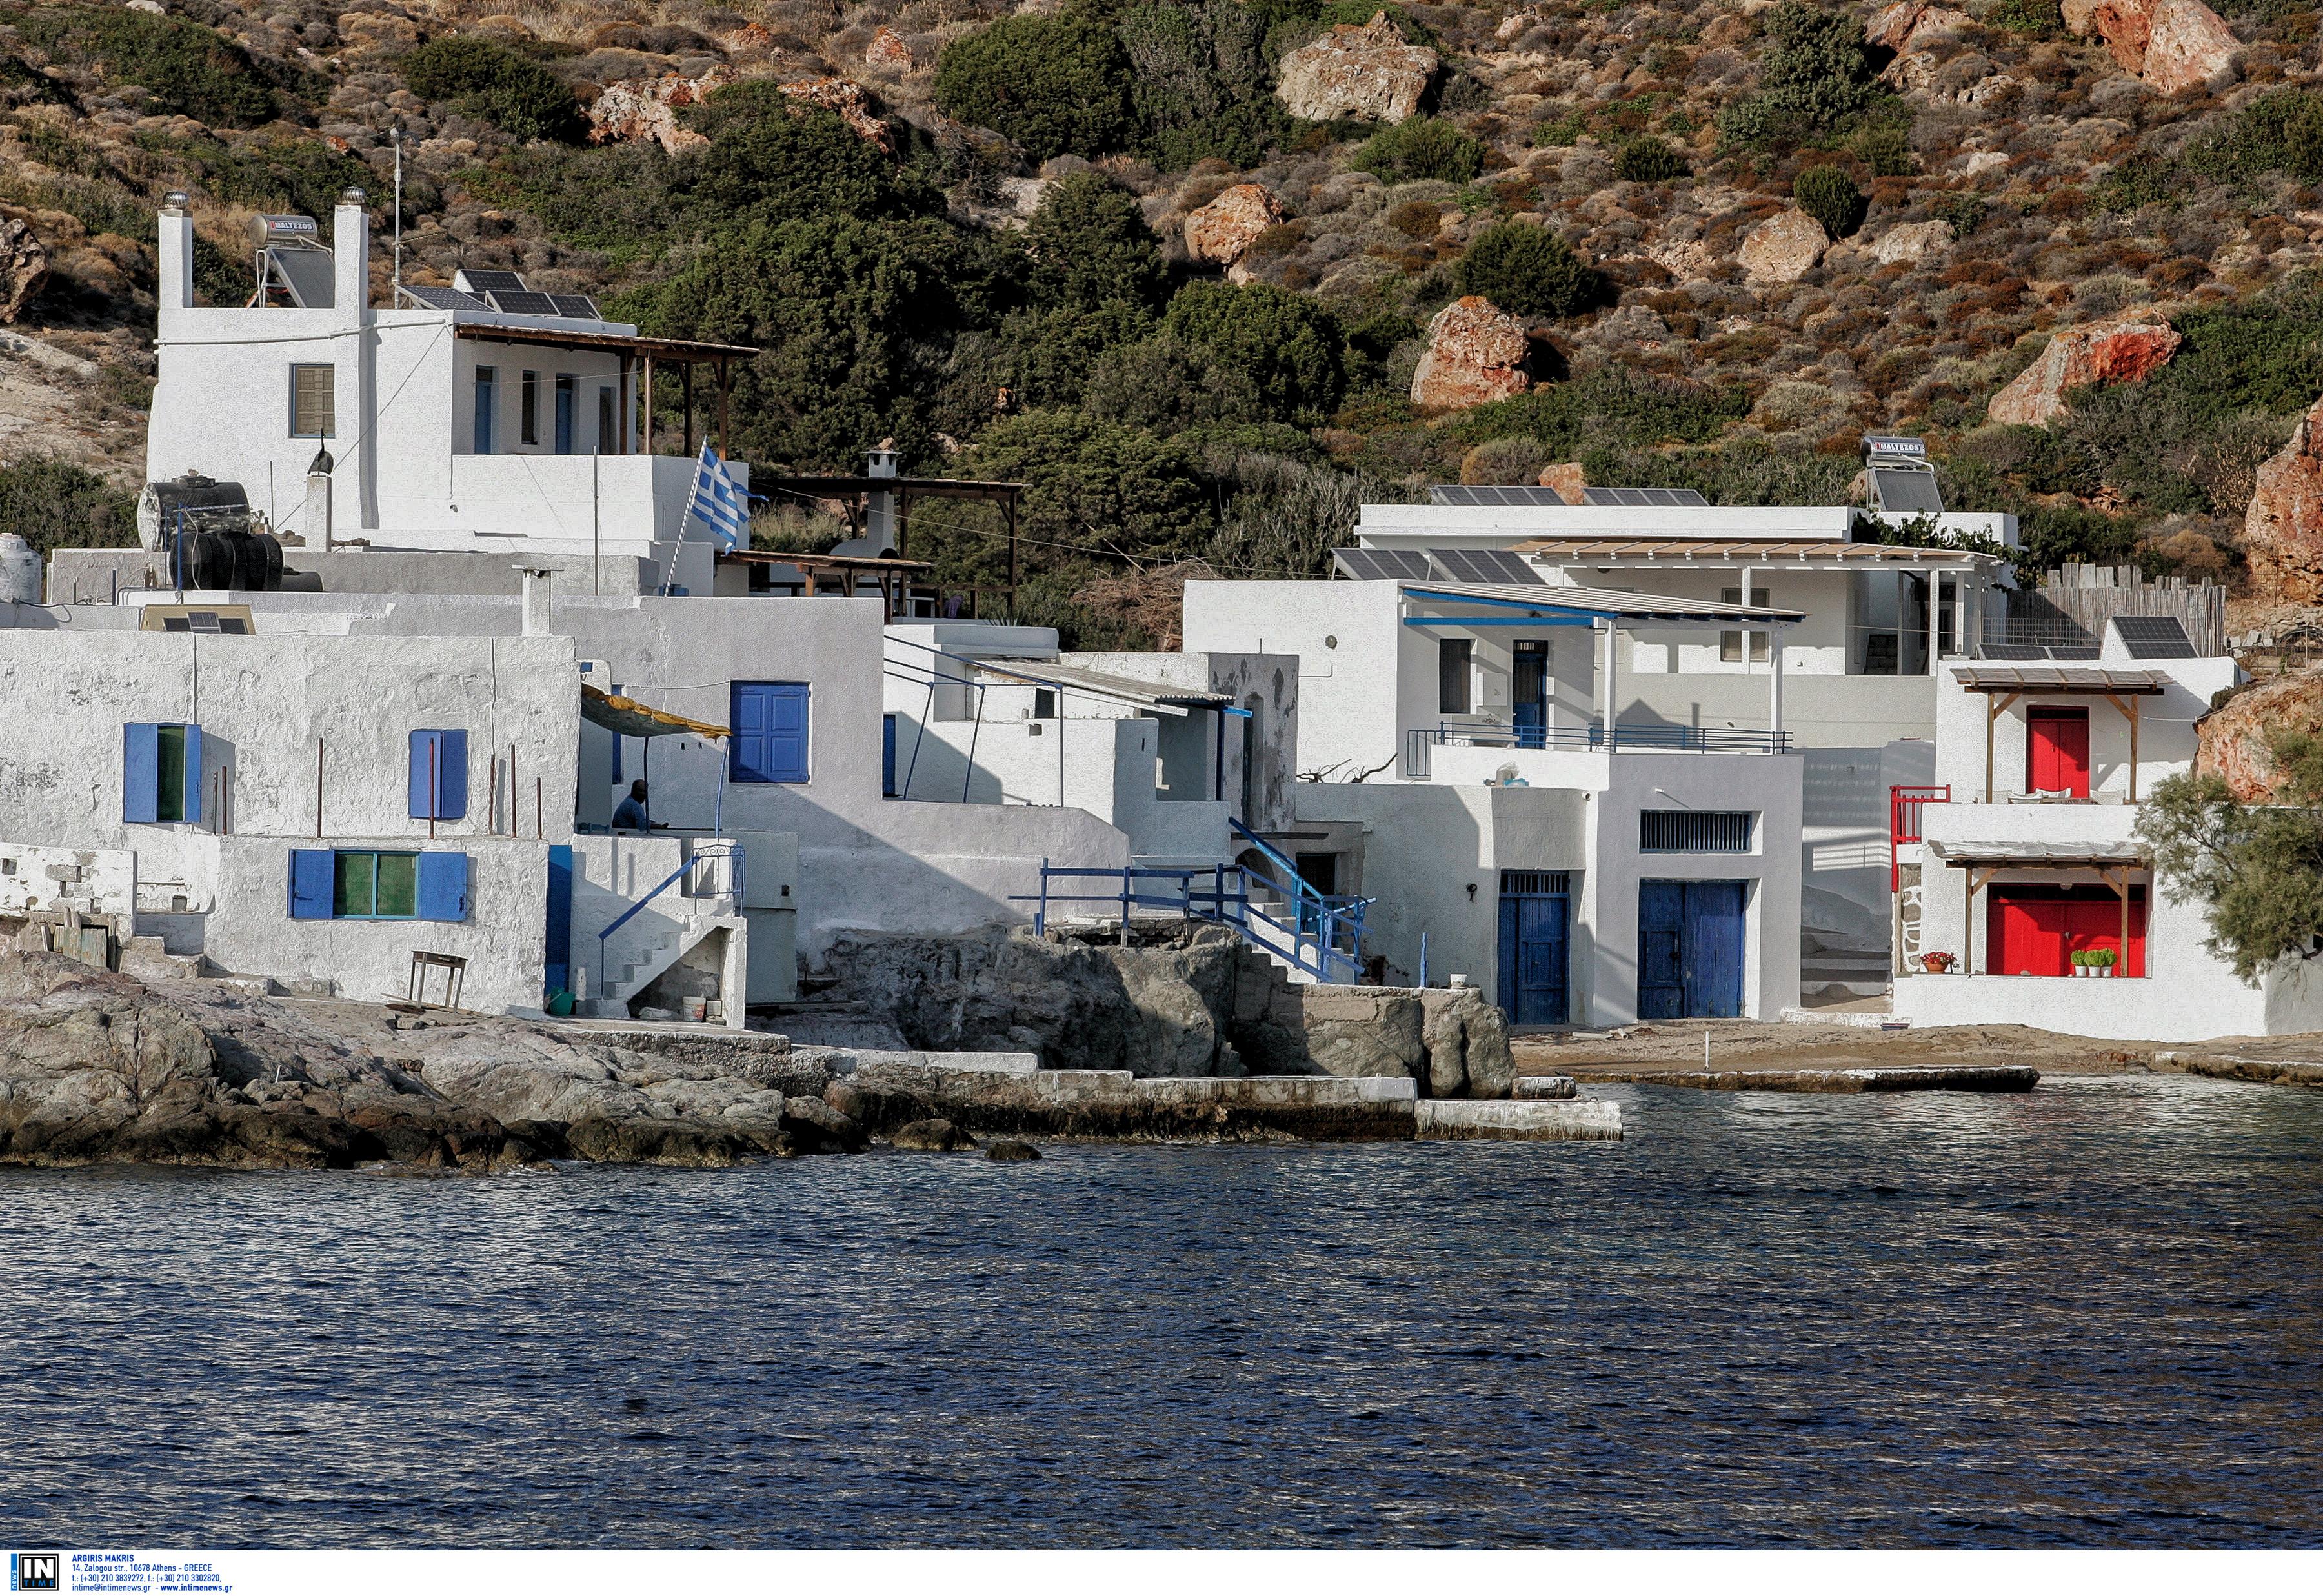 Το καλύτερο νησί της Ευρώπης για το 2019 είναι ελληνικό!